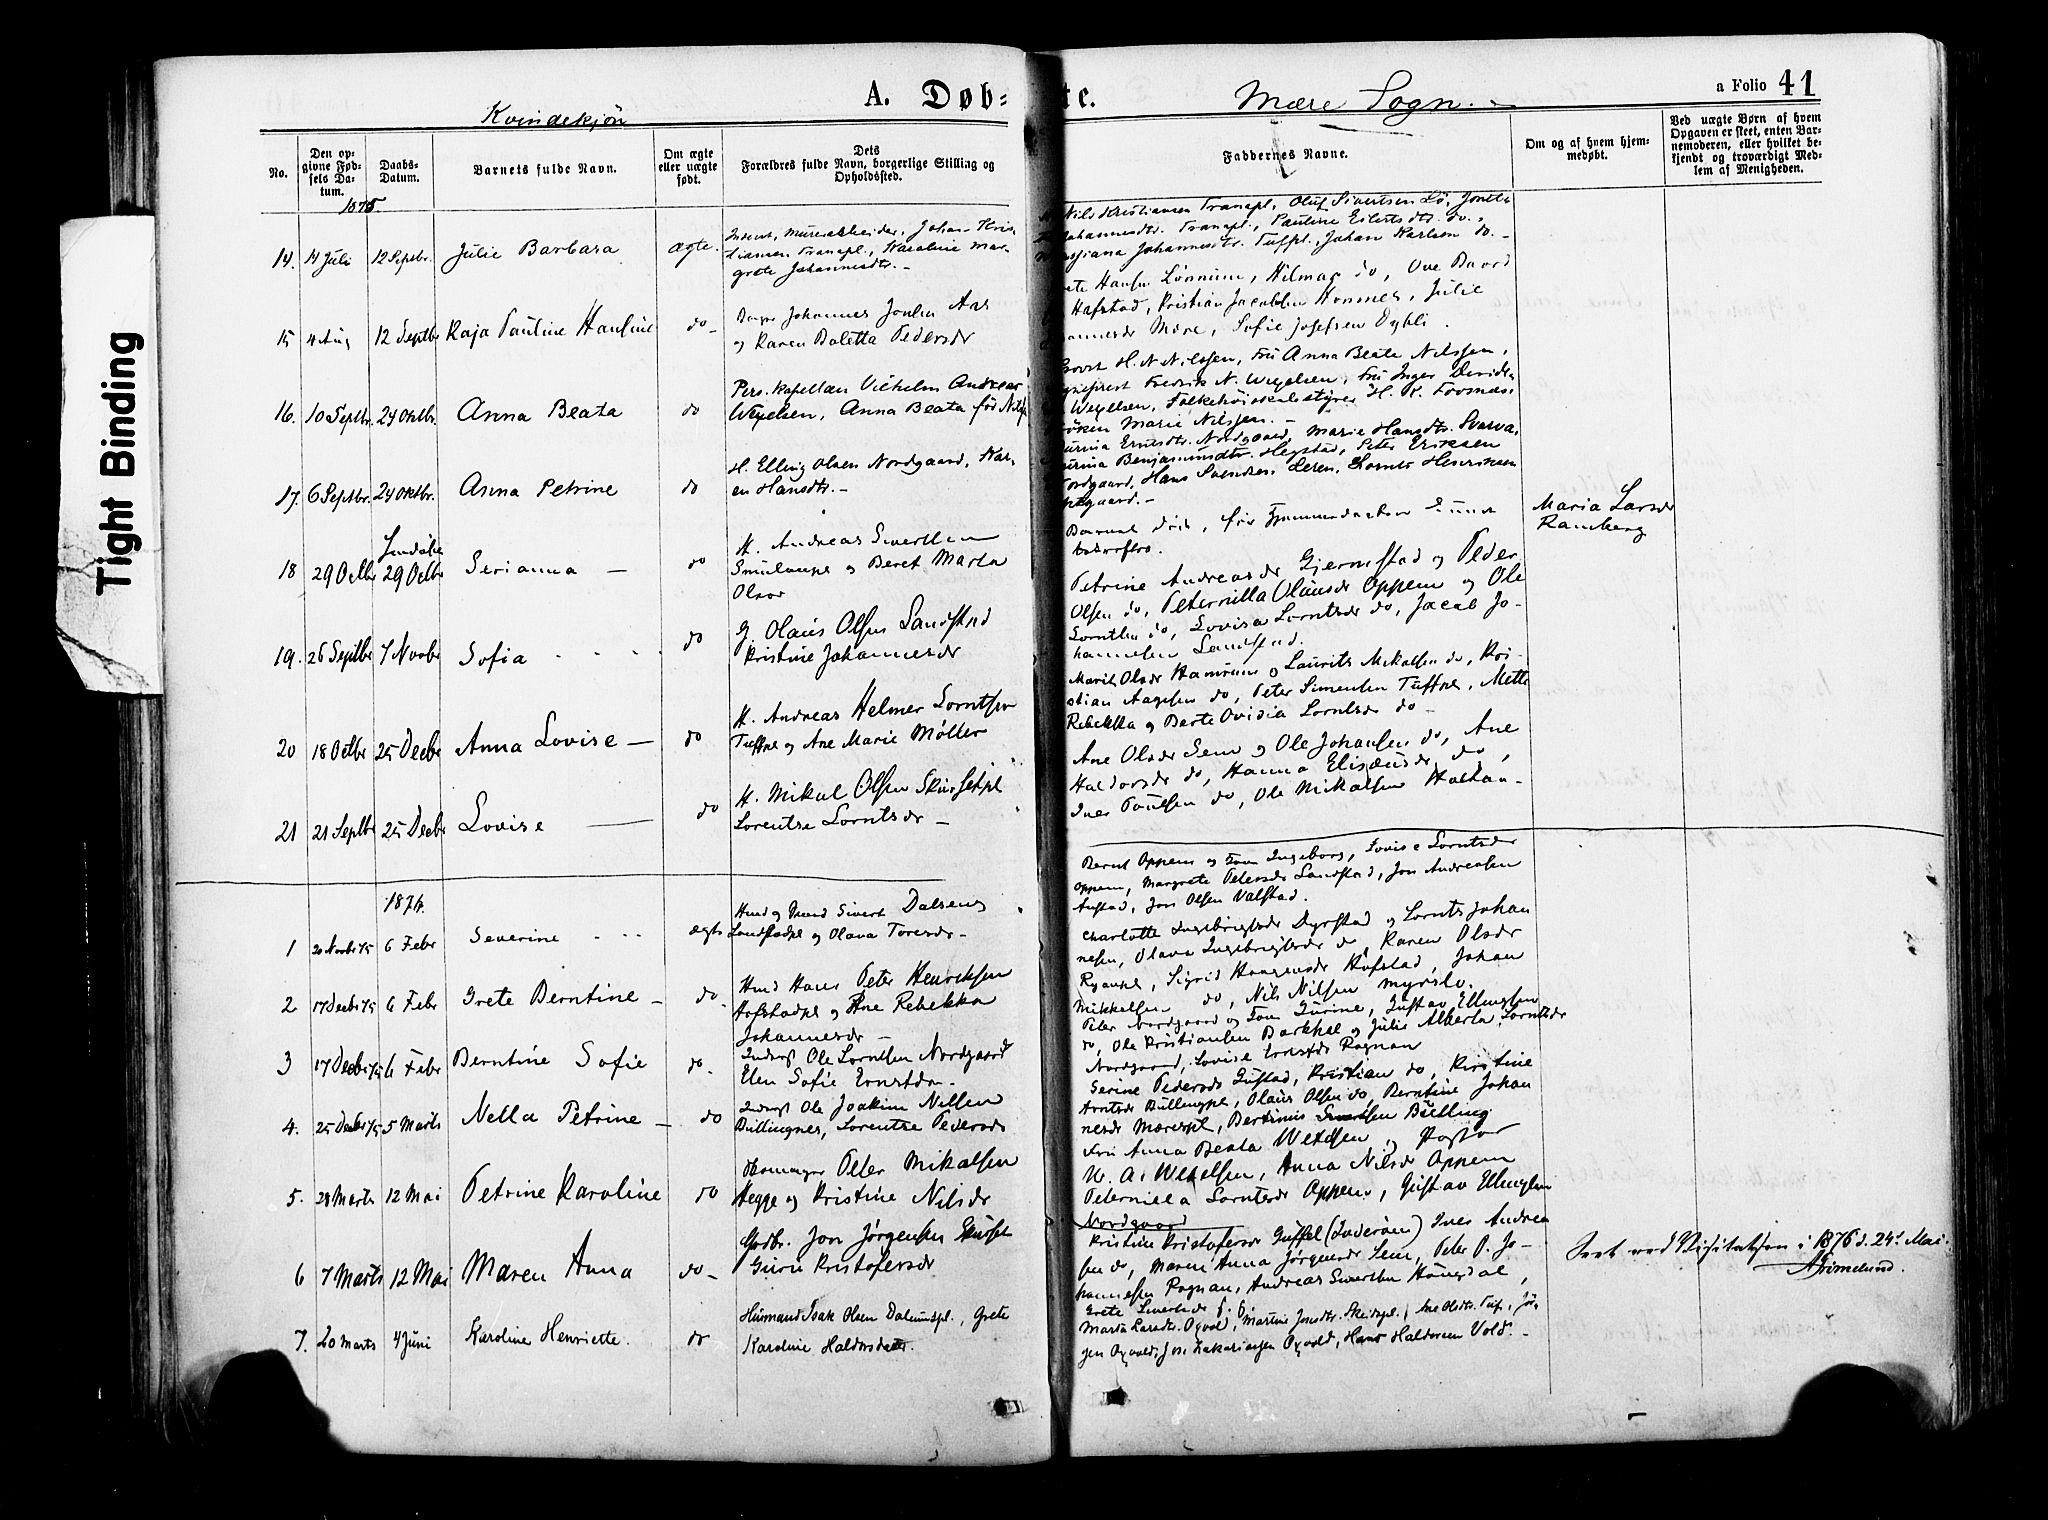 SAT, Ministerialprotokoller, klokkerbøker og fødselsregistre - Nord-Trøndelag, 735/L0348: Ministerialbok nr. 735A09 /1, 1873-1883, s. 41